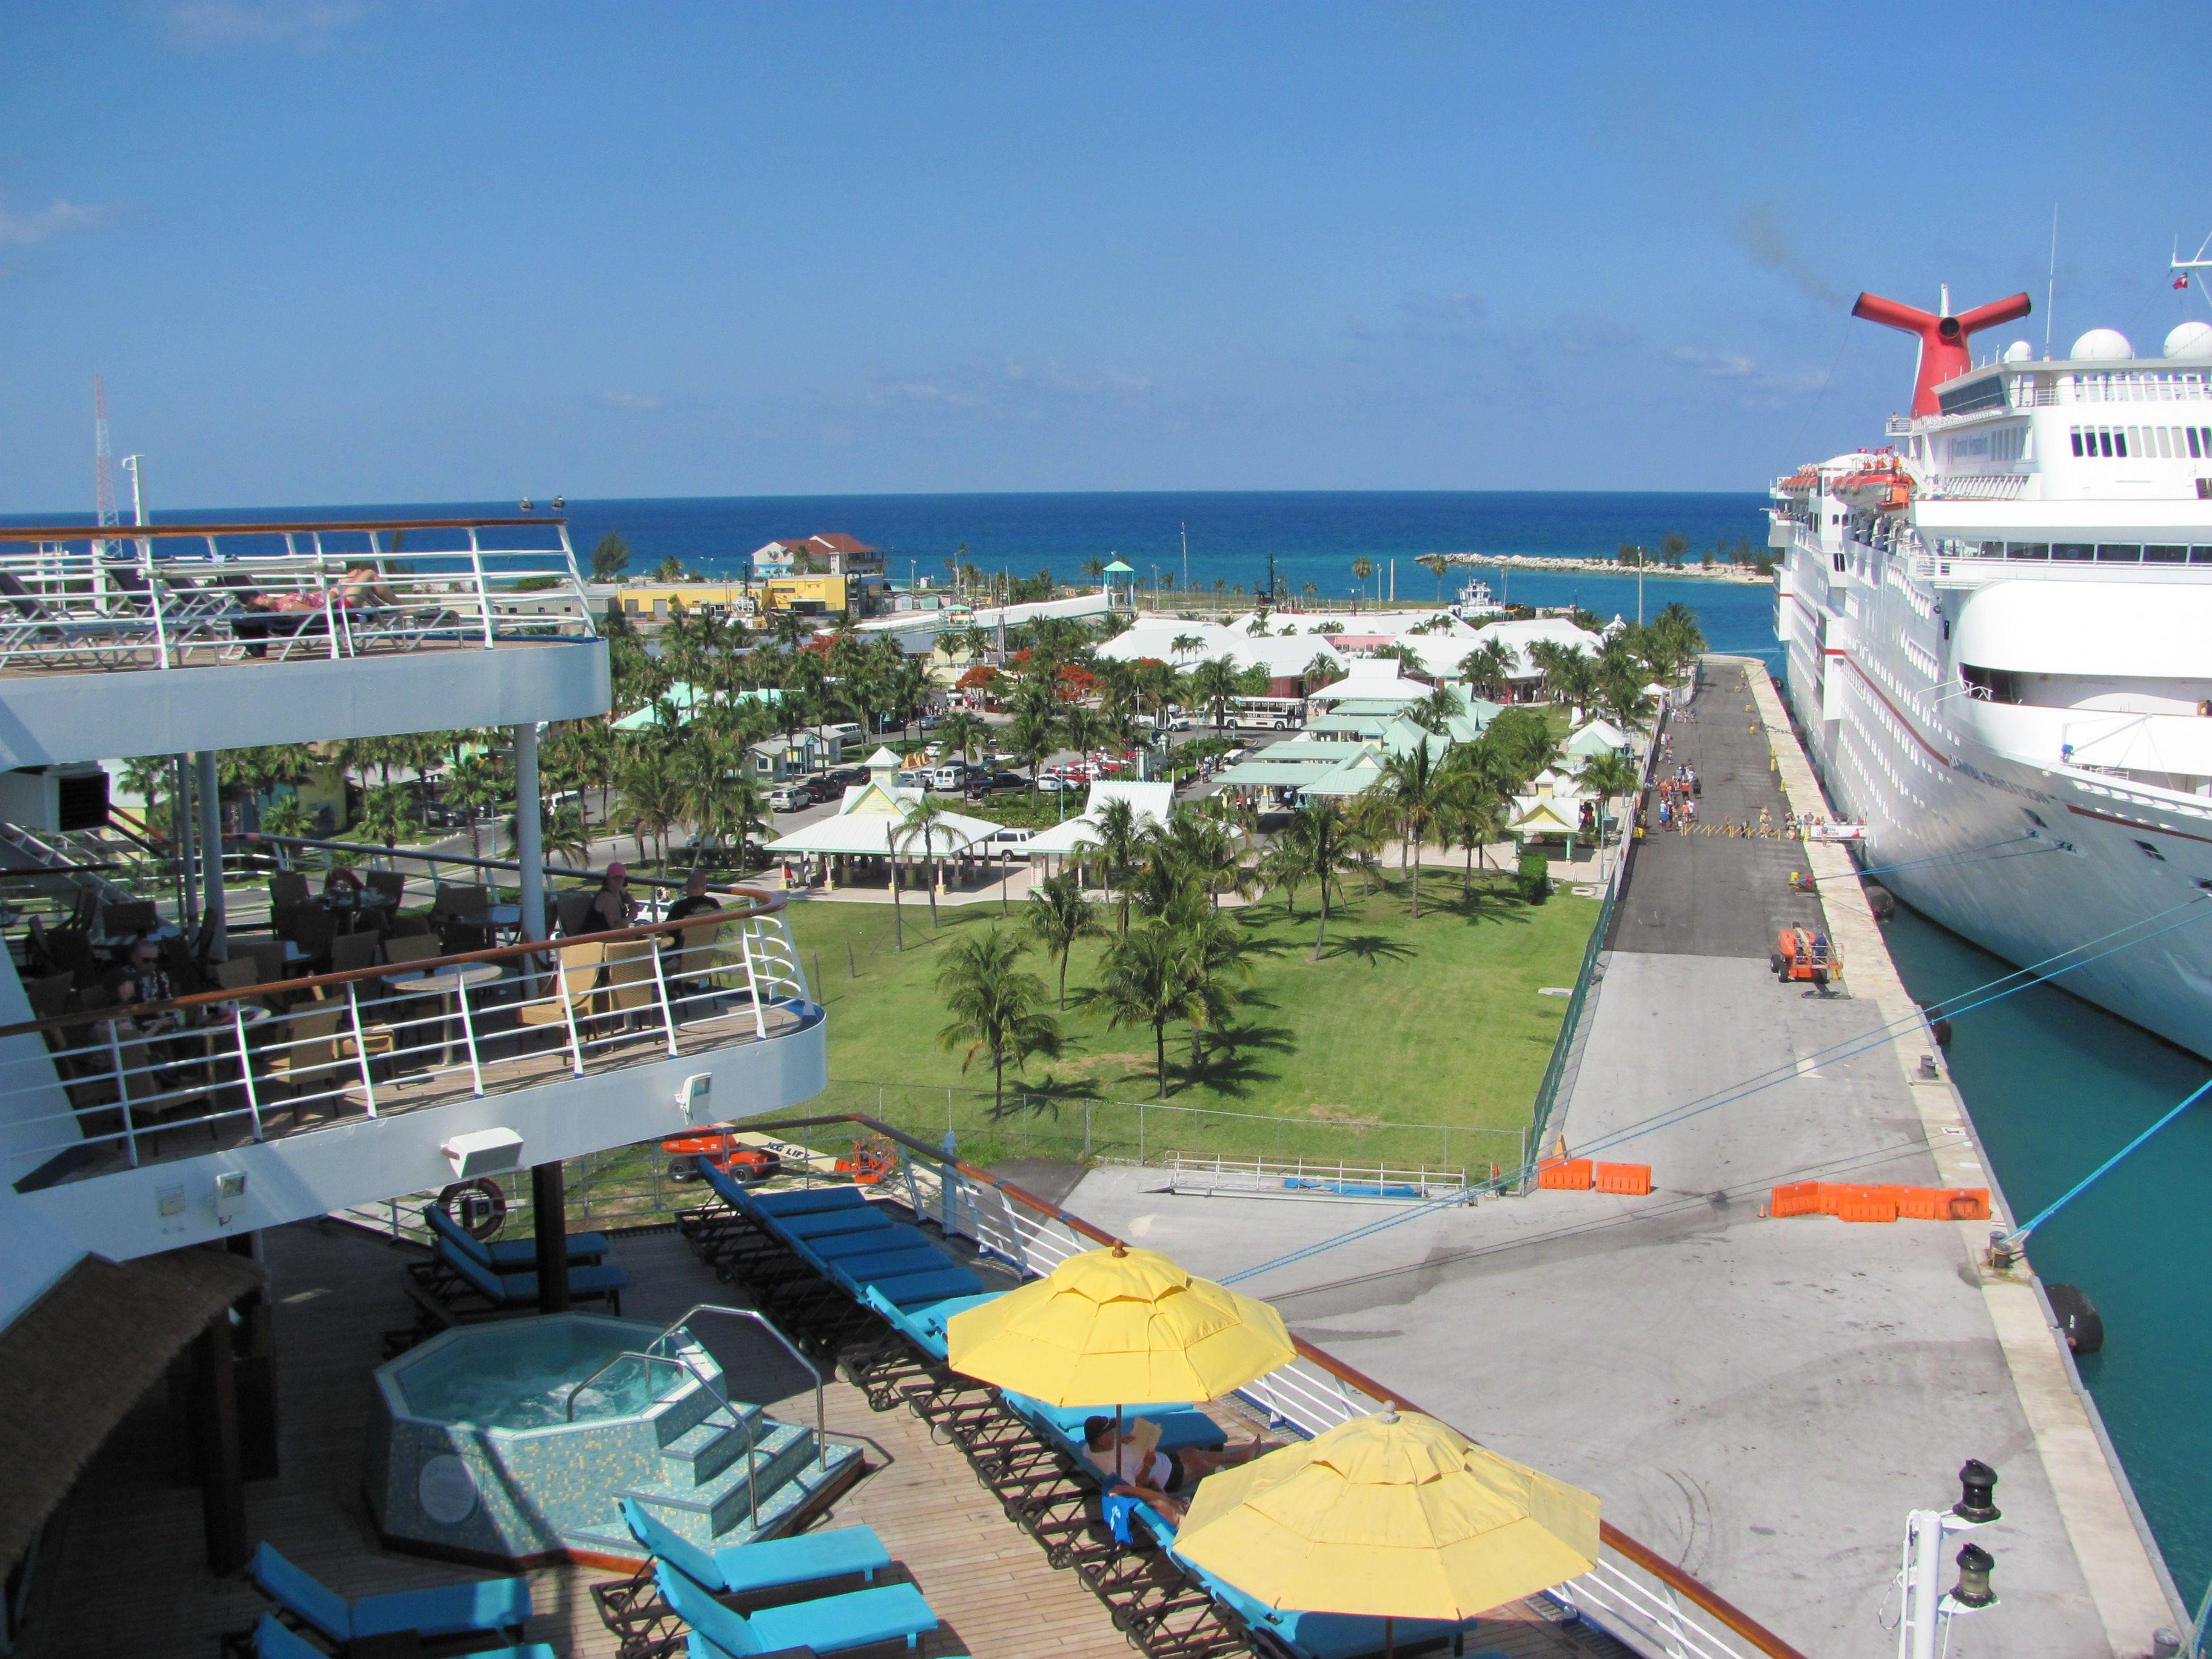 Carnival Fantasy in Freeport Bahamas  Grandeur of the